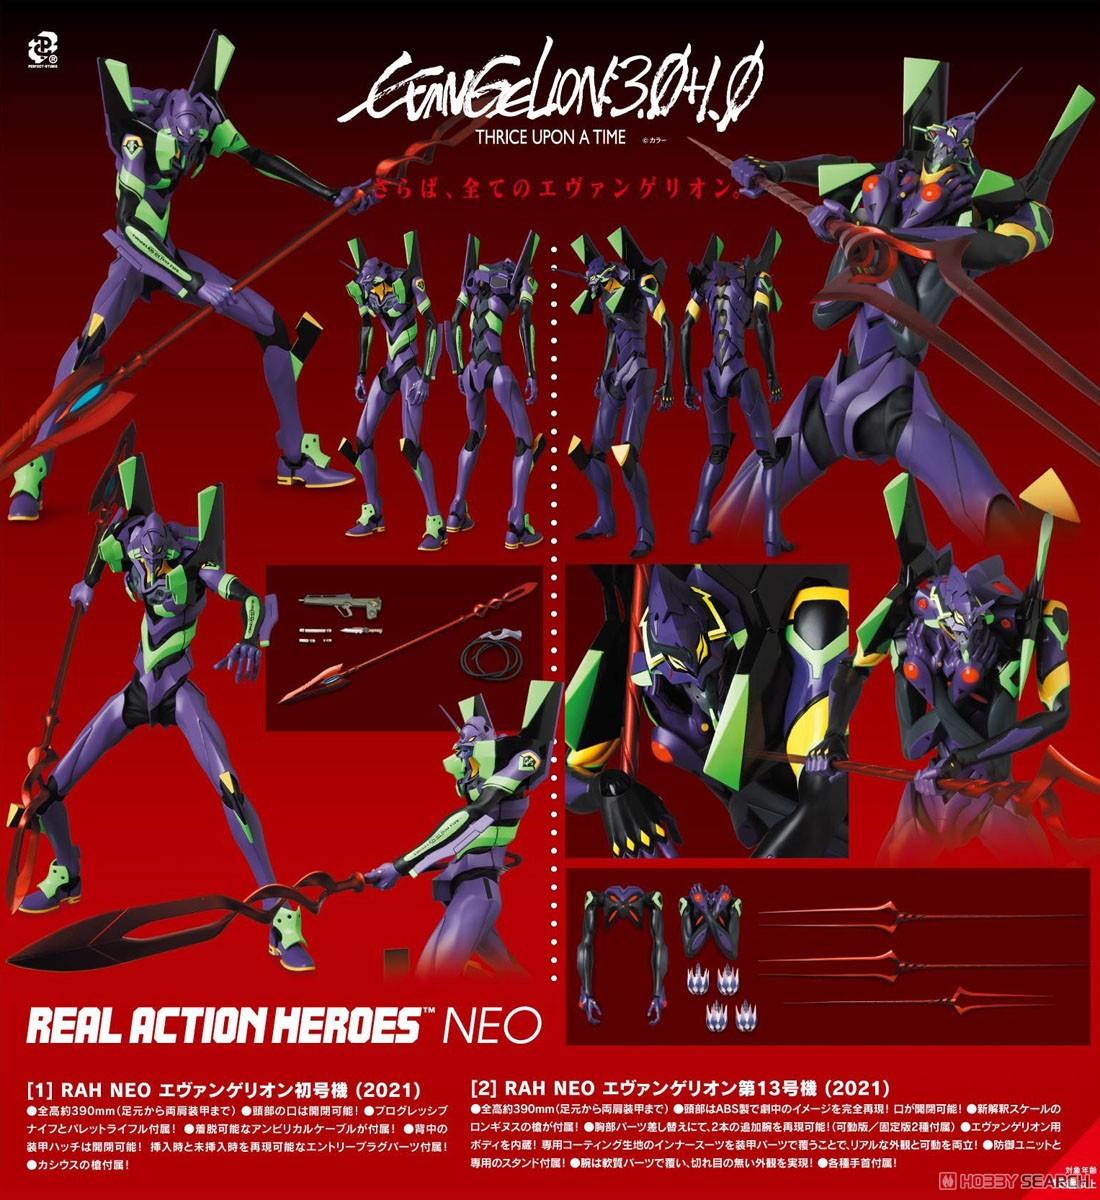 リアルアクションヒーローズ No.787 RAH NEO『エヴァンゲリオン第13号機(2021)』シン・エヴァンゲリオン劇場版 可動フィギュア-009